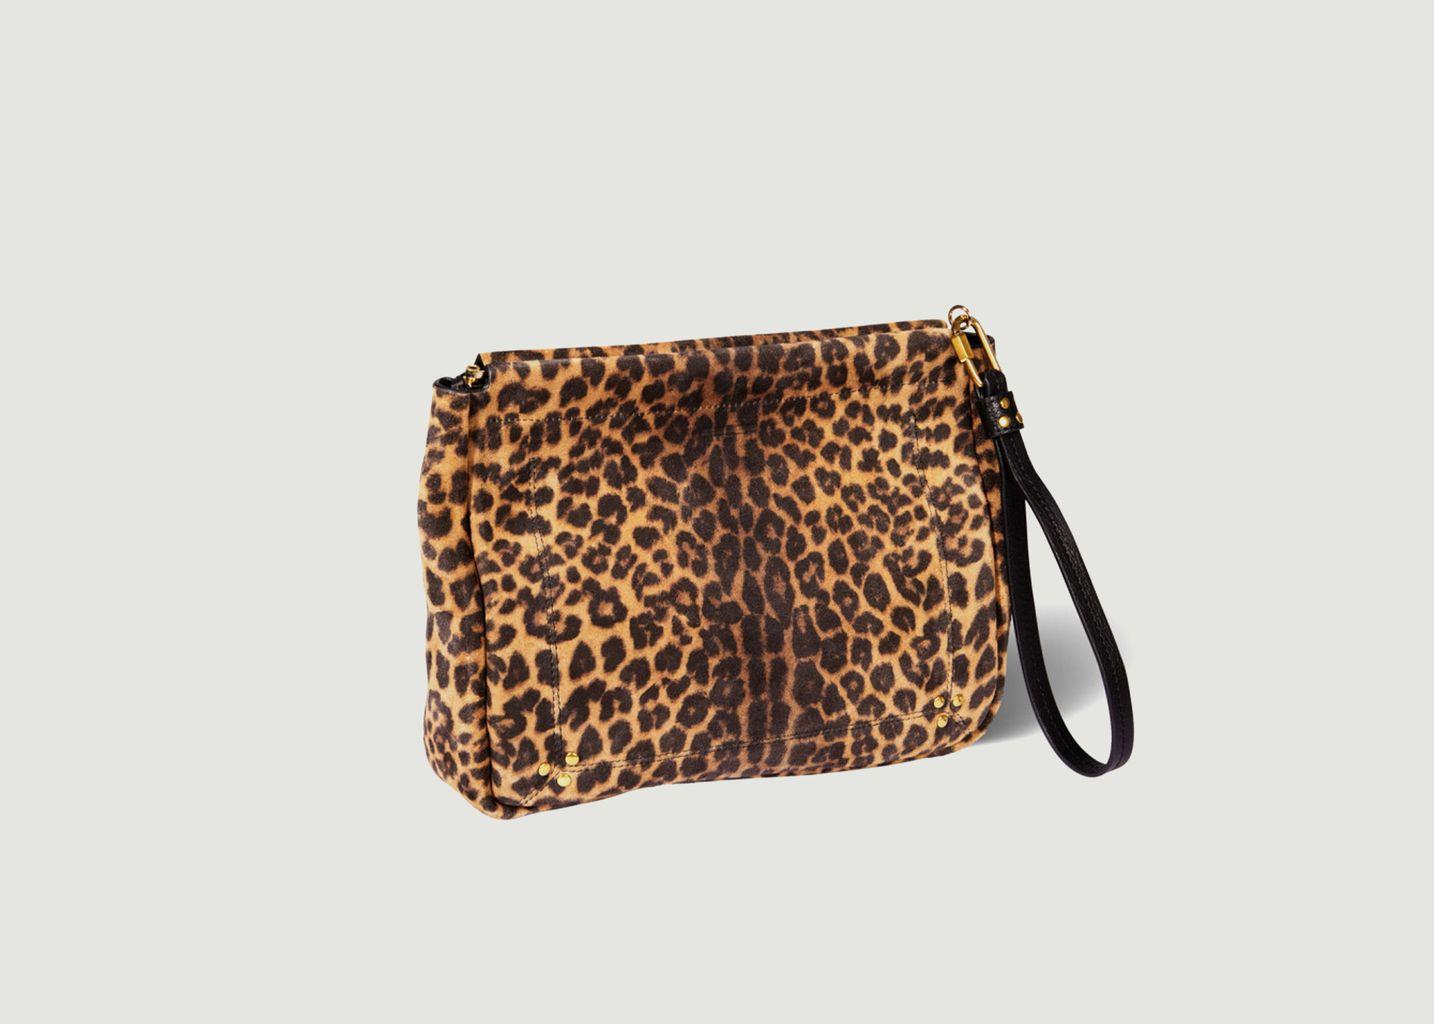 Pochette motif léopard en croûte velours Clic Clac L Soft - Jérôme Dreyfuss